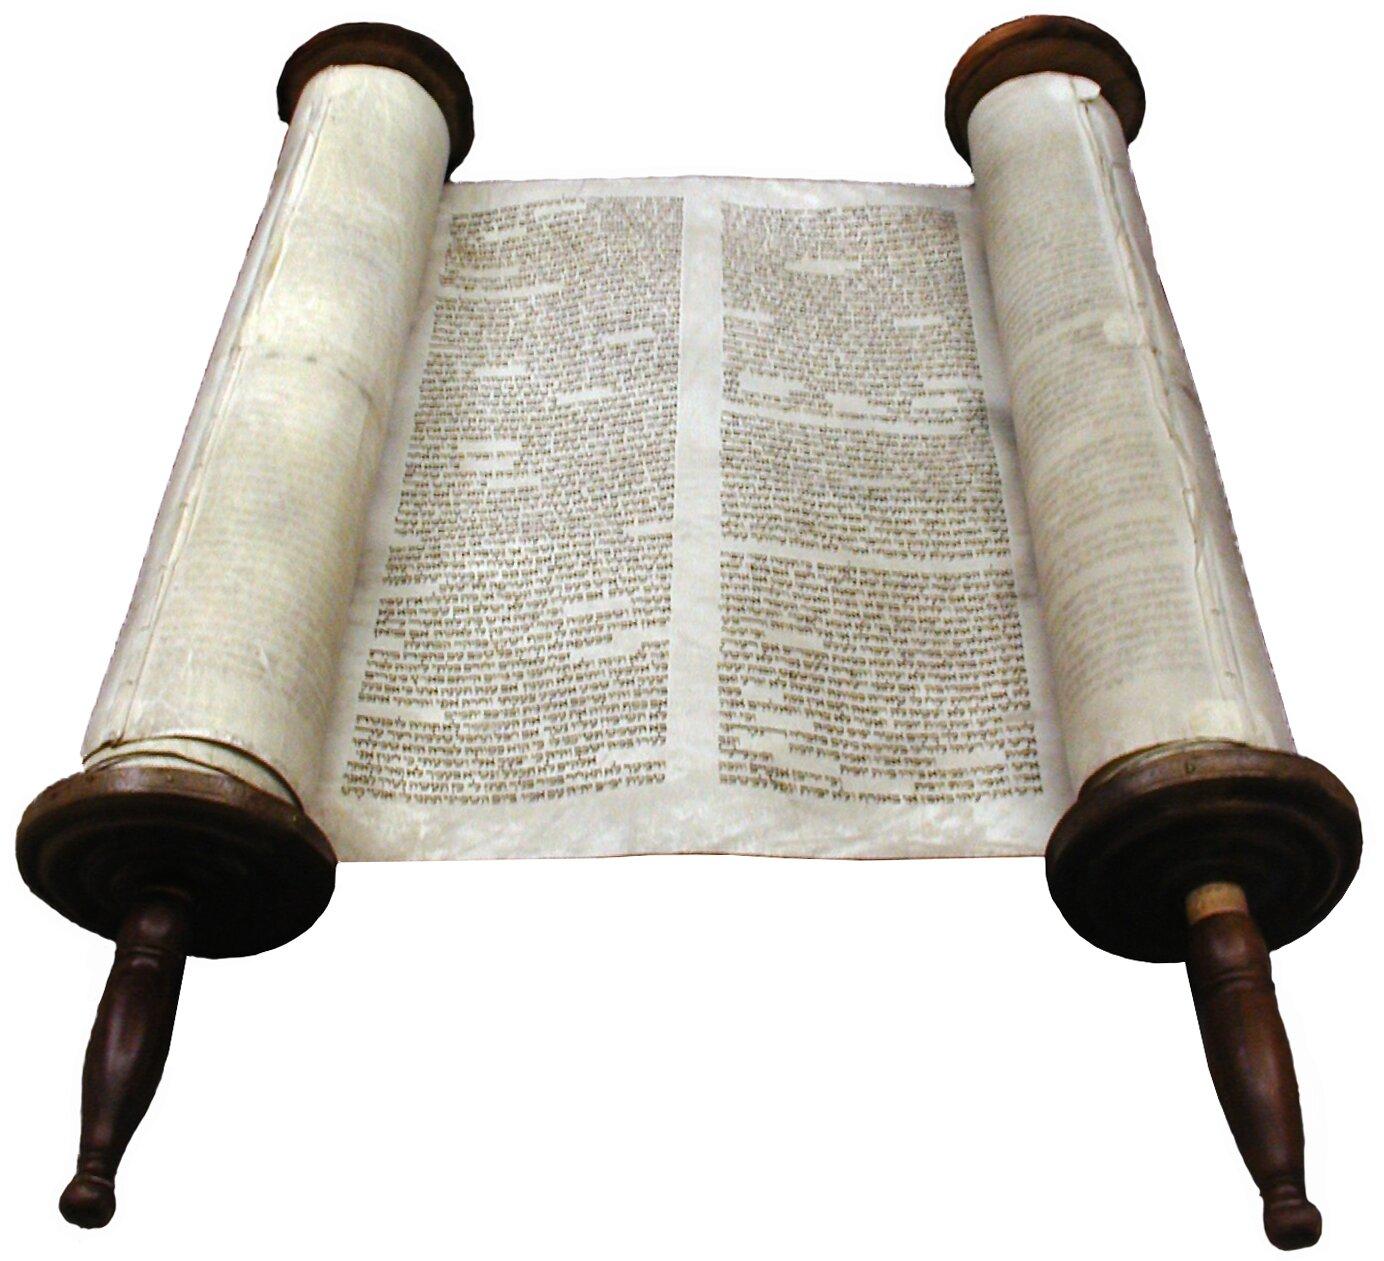 Tora – pięćpierwszych ksiąg Starego Testamentu,najważniejszy tekst judaizmu Tora – pięćpierwszych ksiąg Starego Testamentu,najważniejszy tekst judaizmu Źródło: Willy Horsch, Wikimedia Commons, licencja: CC BY 3.0.